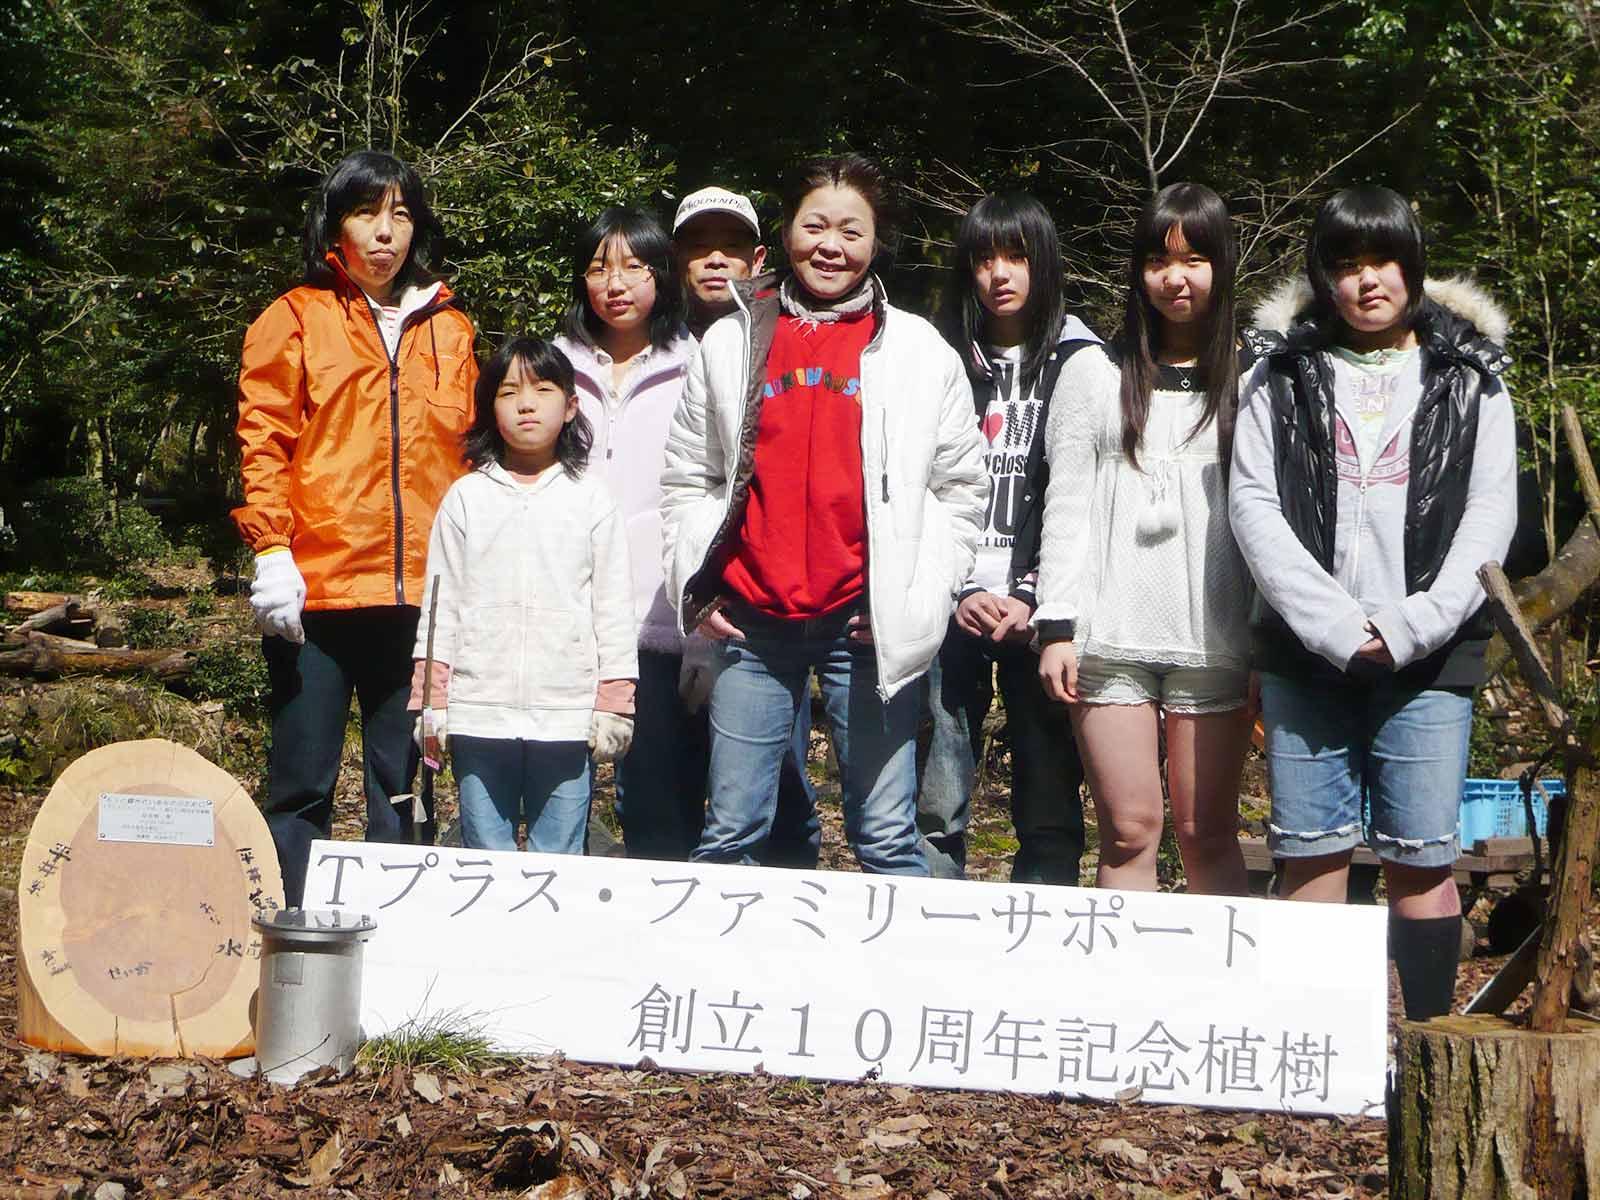 創立10周年を記念し植樹を行った。